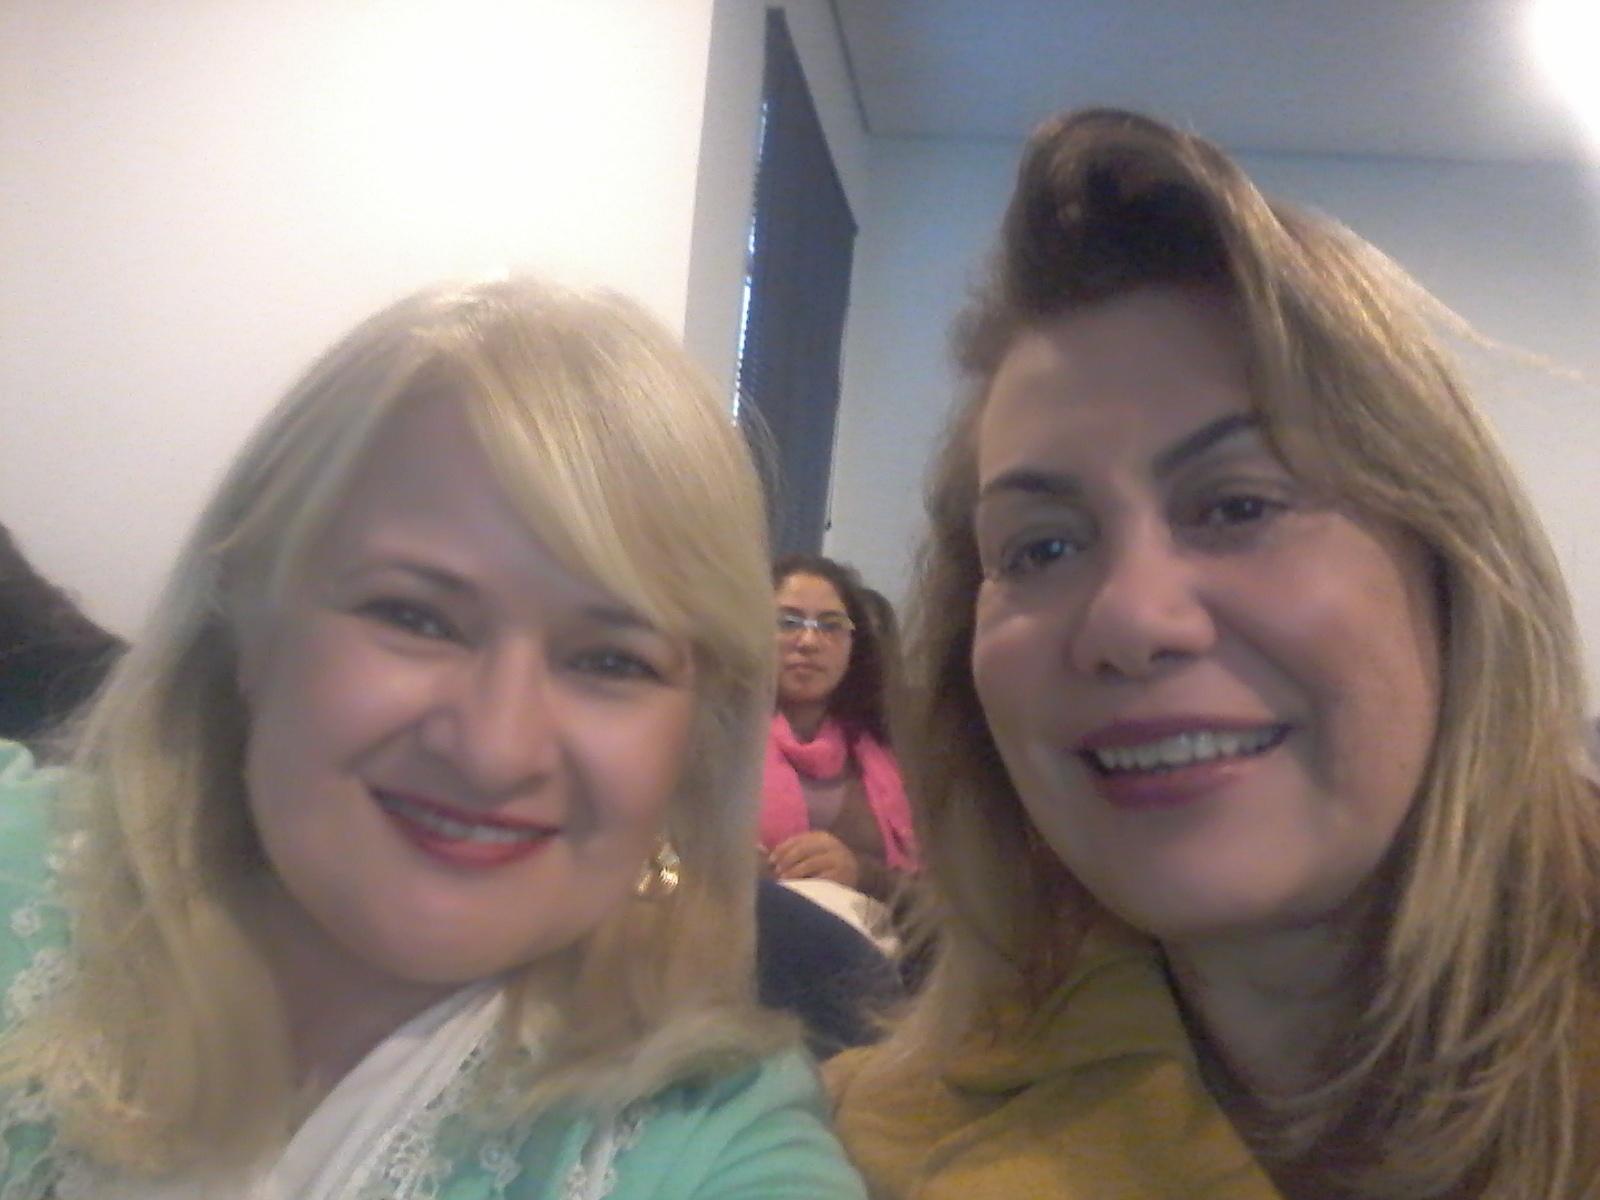 Com a querida amiga Ismara Brandão no simpósio magistral estética docente / professor(a)